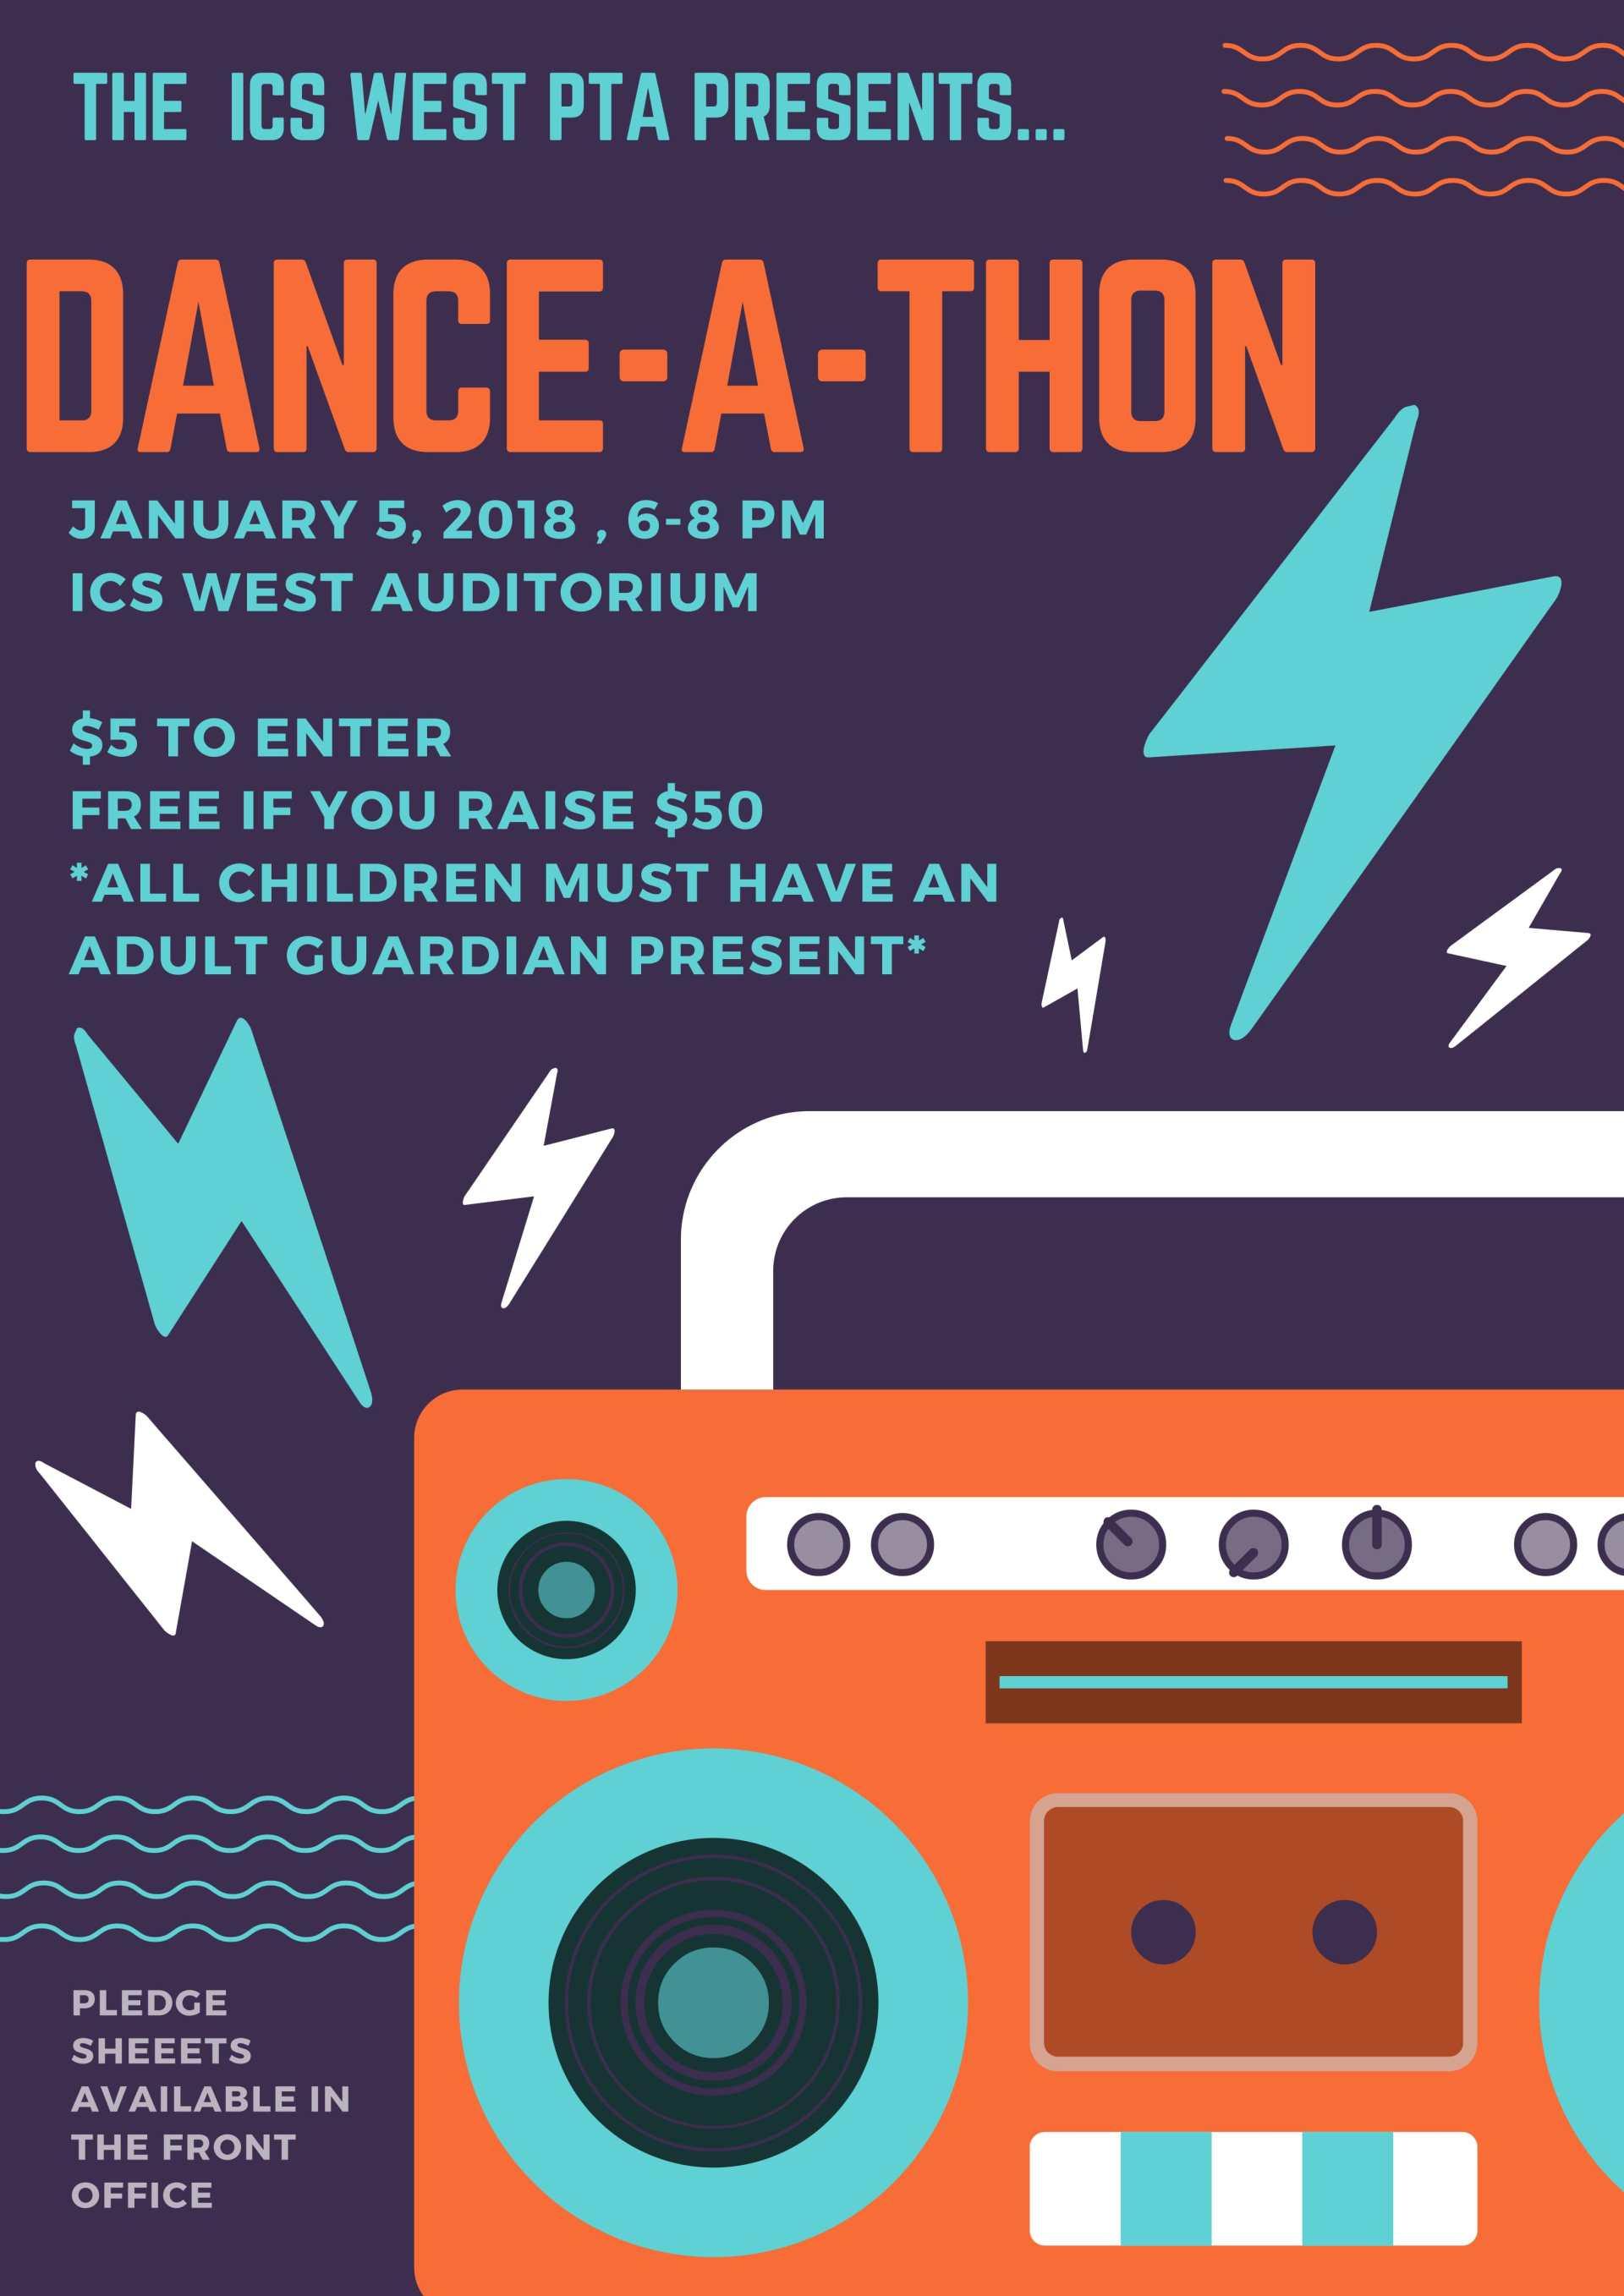 dance-a-thon flier-1